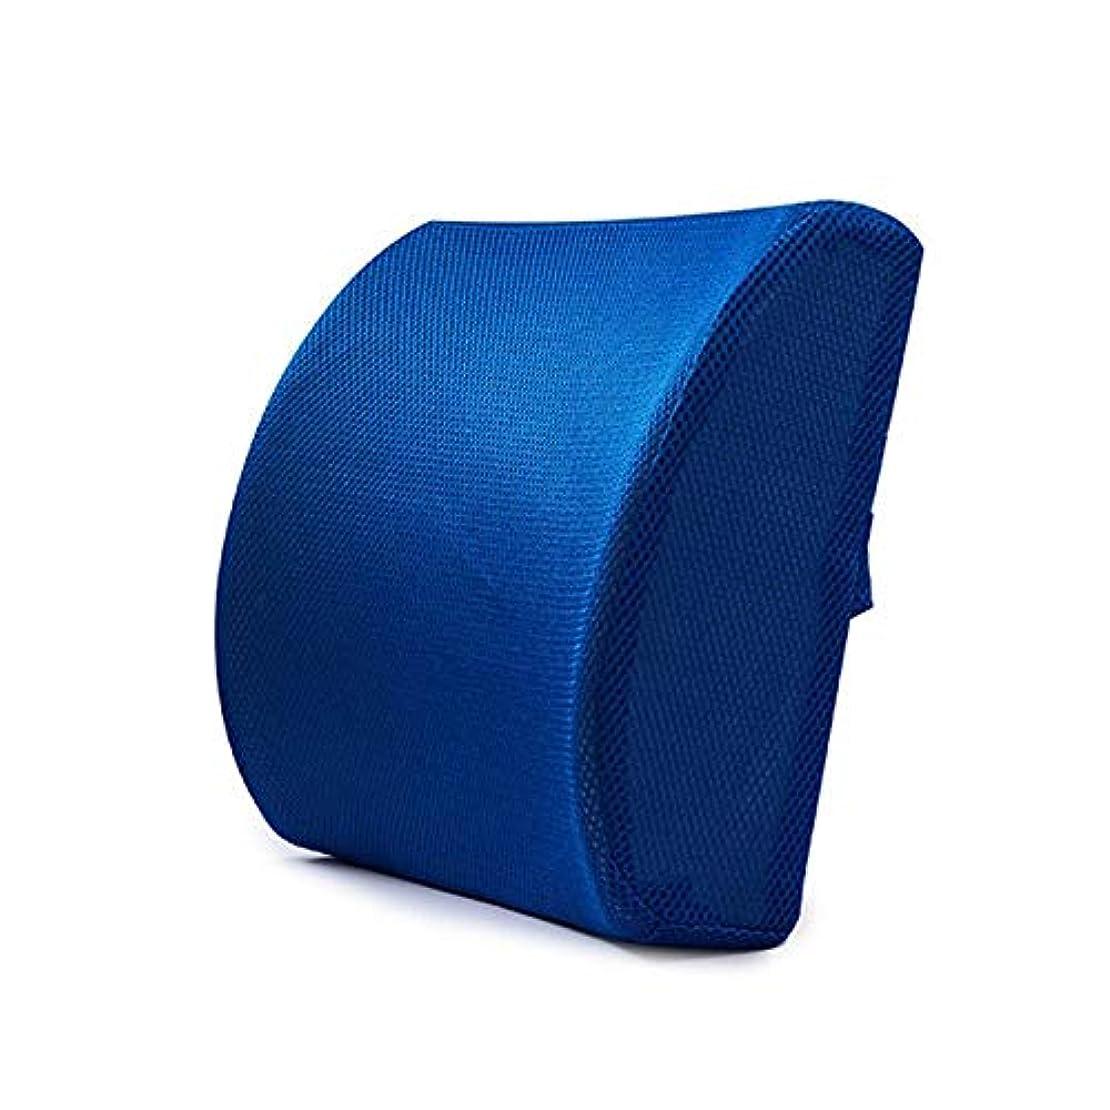 コジオスコ縁うまれたLIFE ホームオフィス背もたれ椅子腰椎クッションカーシートネック枕 3D 低反発サポートバックマッサージウエストレスリビング枕 クッション 椅子